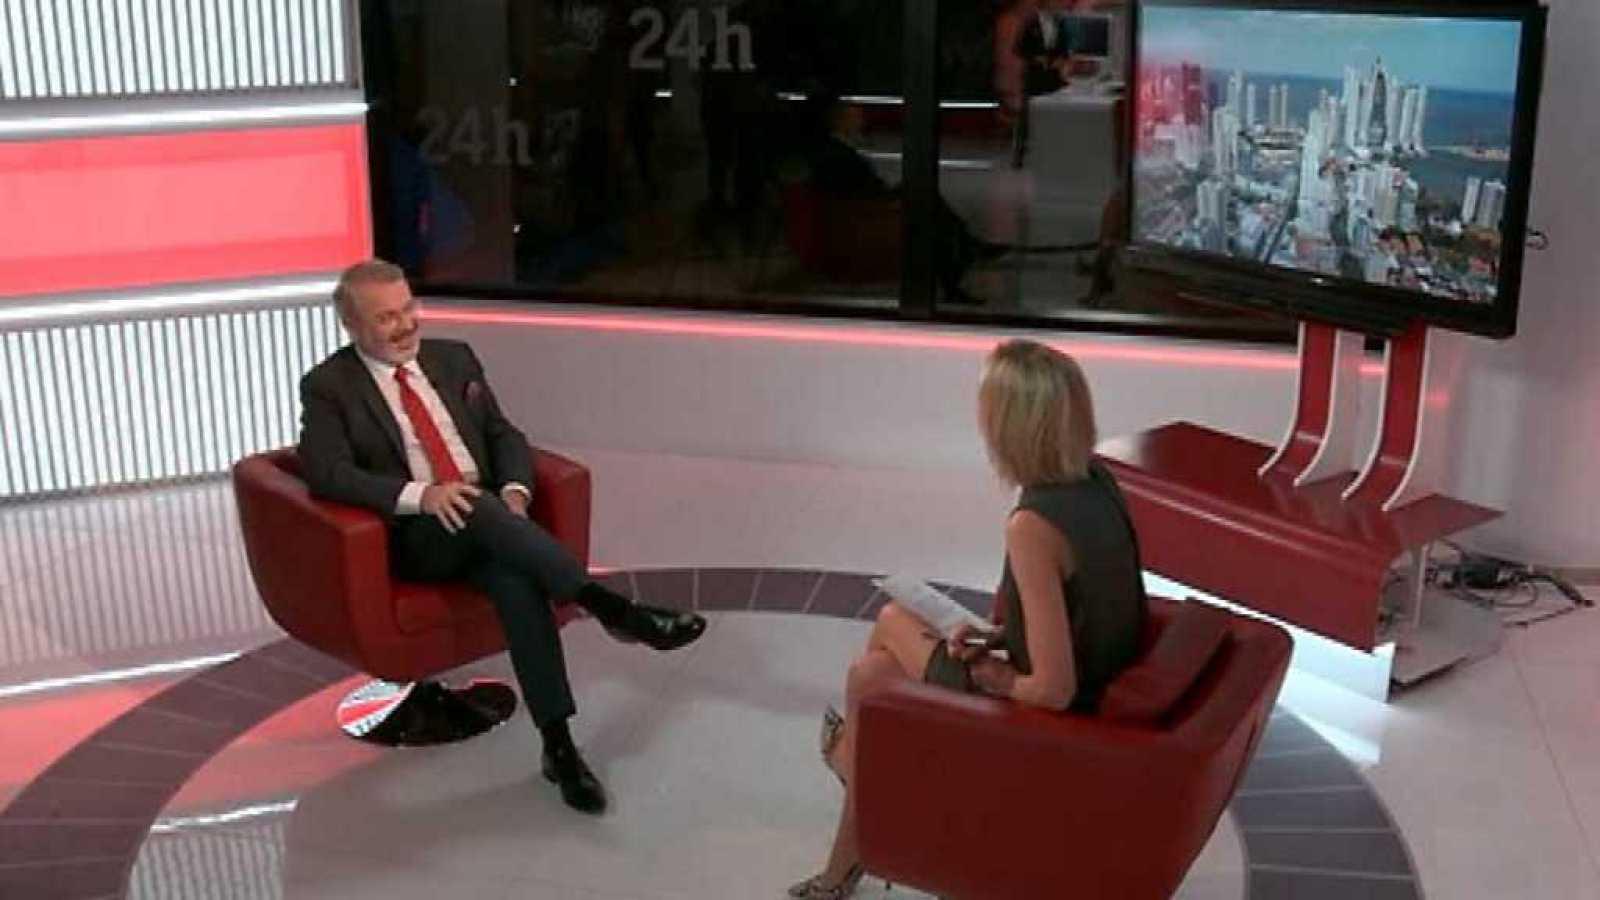 La tarde en 24 horas - Entrevista - 20/11/17 - ver ahora